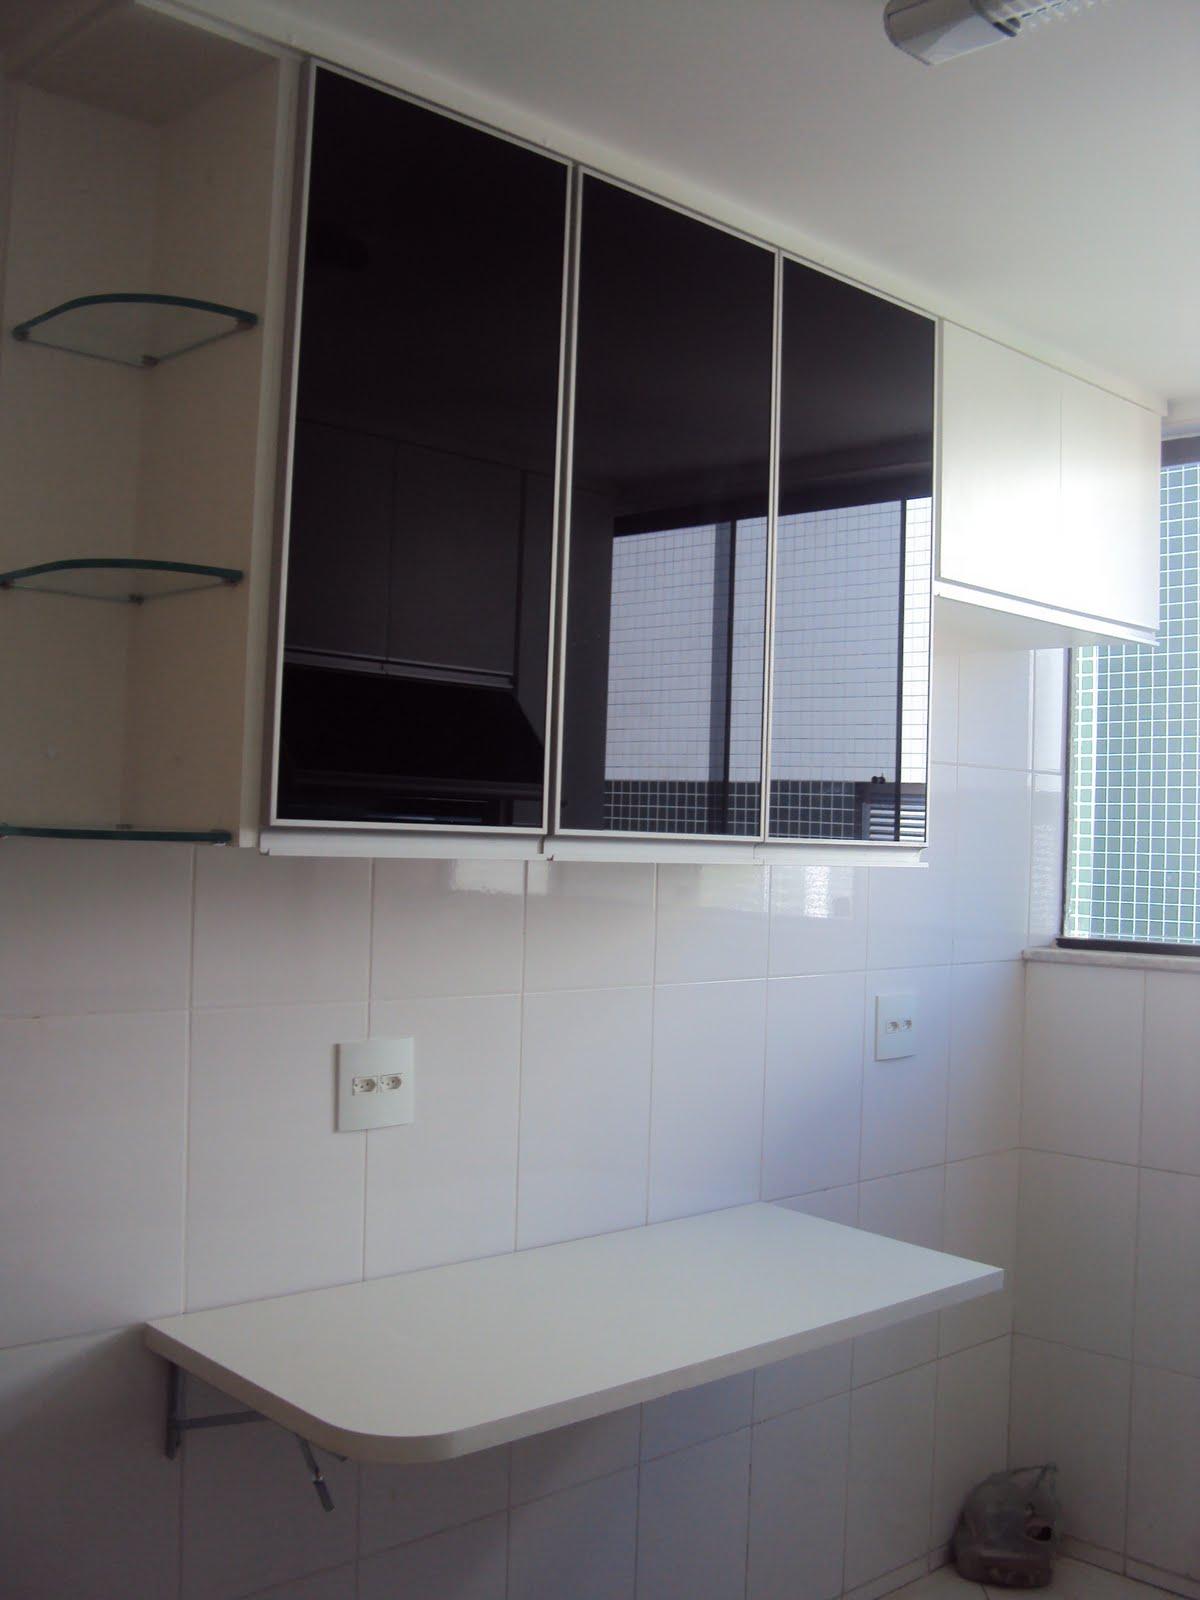 estilo : Cozinha com Puxador G e portas de aluminio com vidro preto #576674 1200x1600